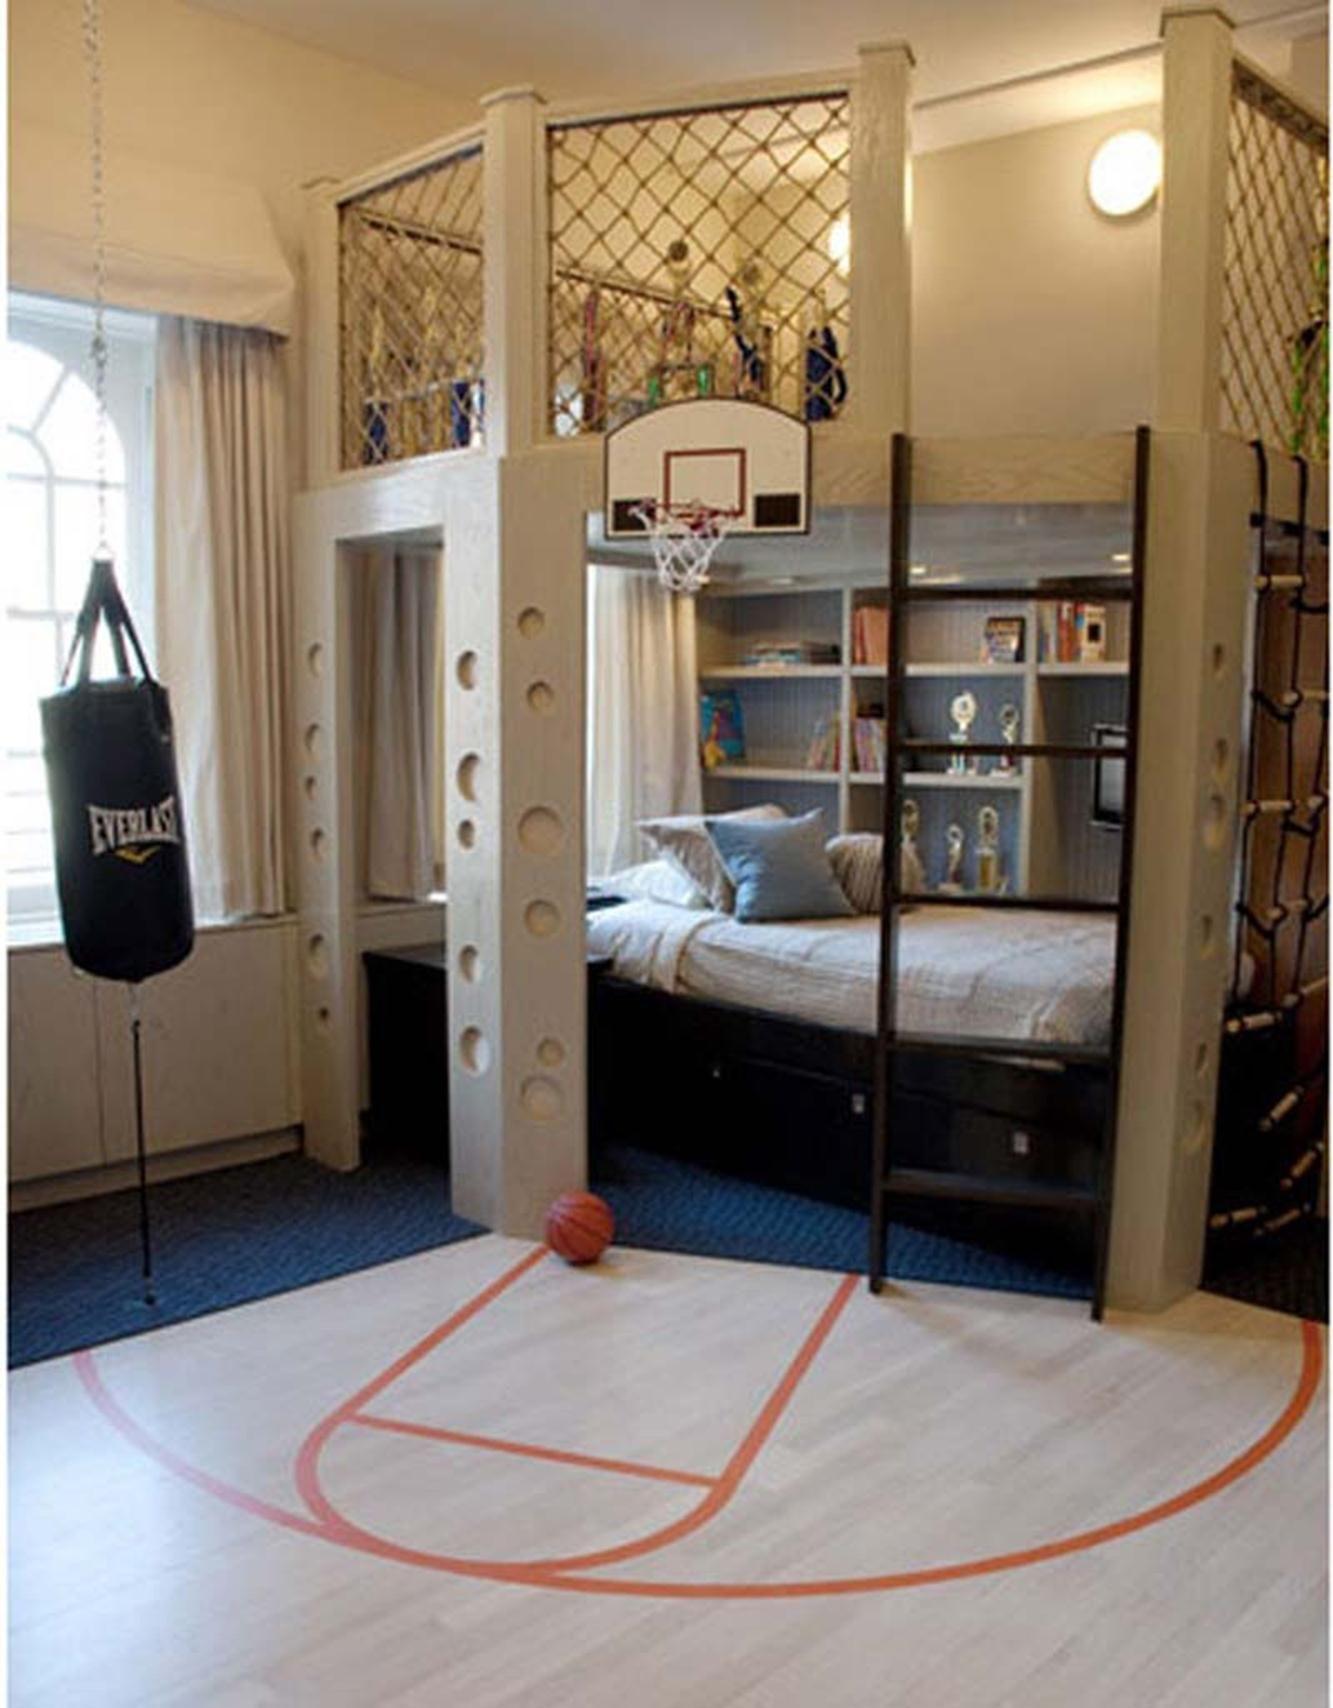 30 Best Bedroom Ideas For Men. 30 Best Bedroom Ideas For Men   Small rooms  Bedrooms and Room